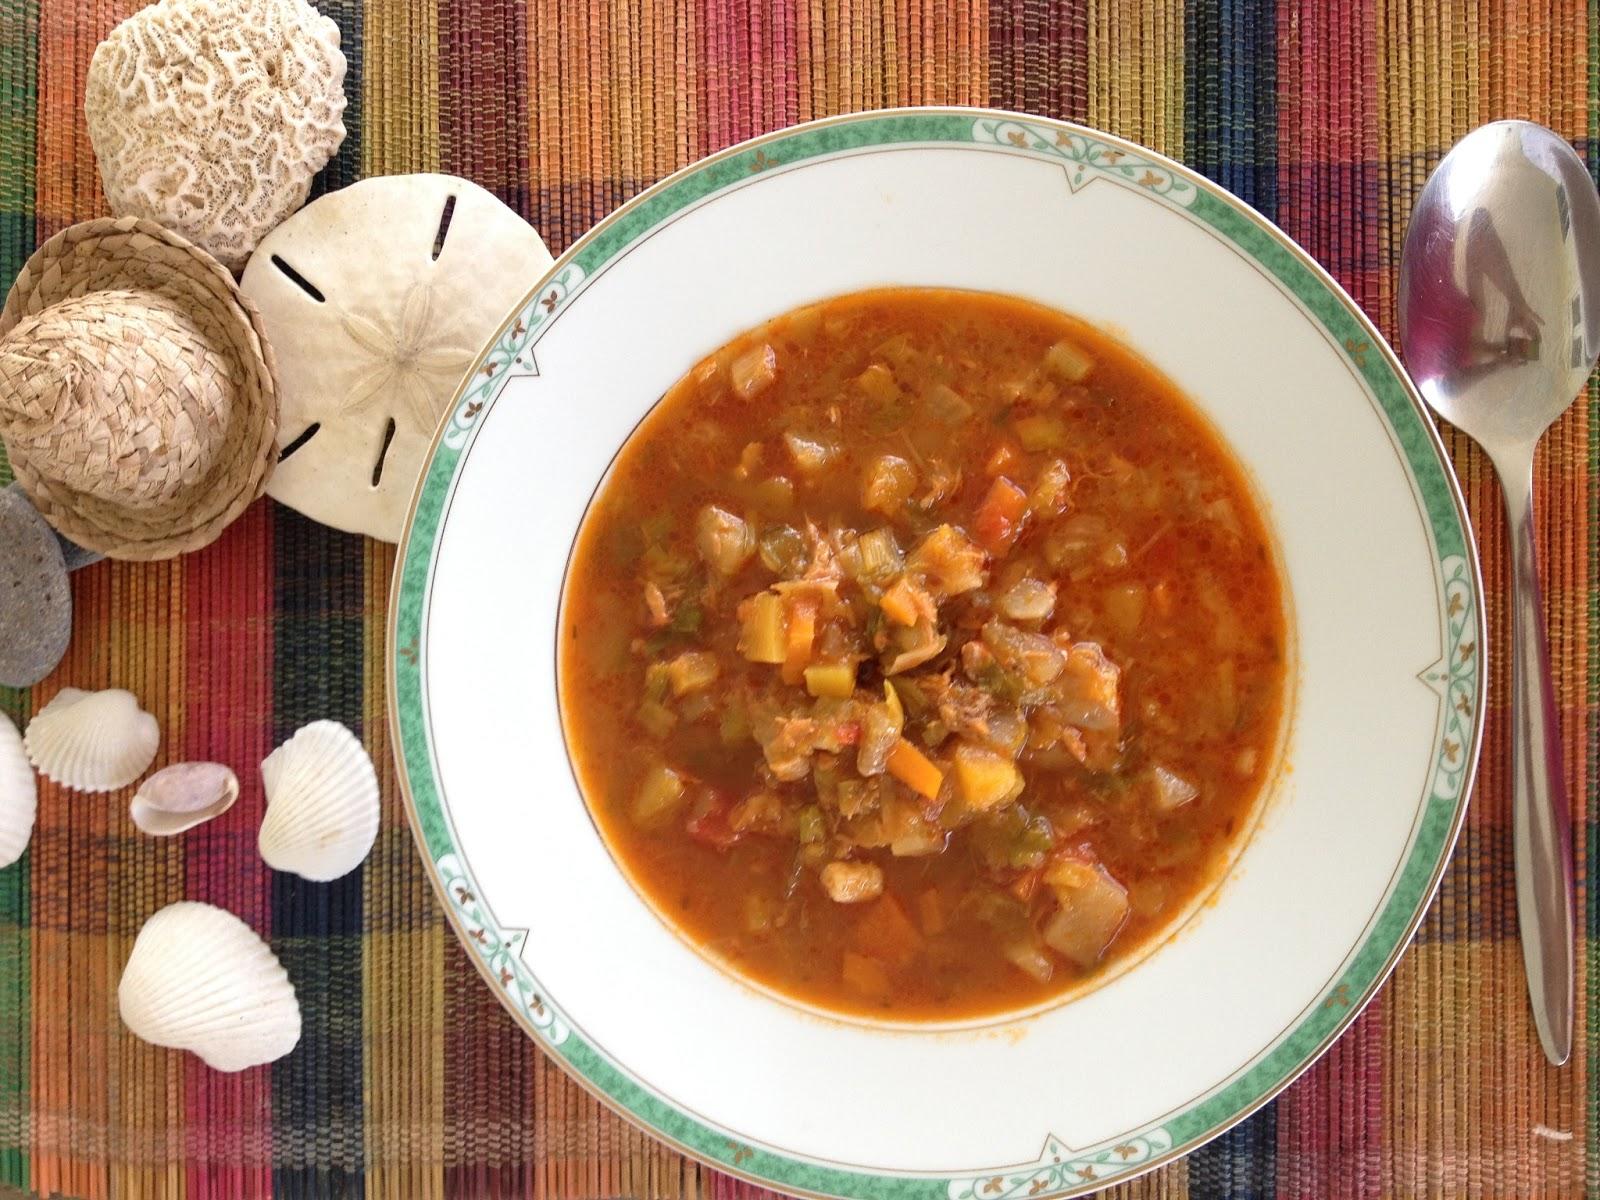 La soupe de poisson ou la plage la maison - Cuisine creole antillaise ...